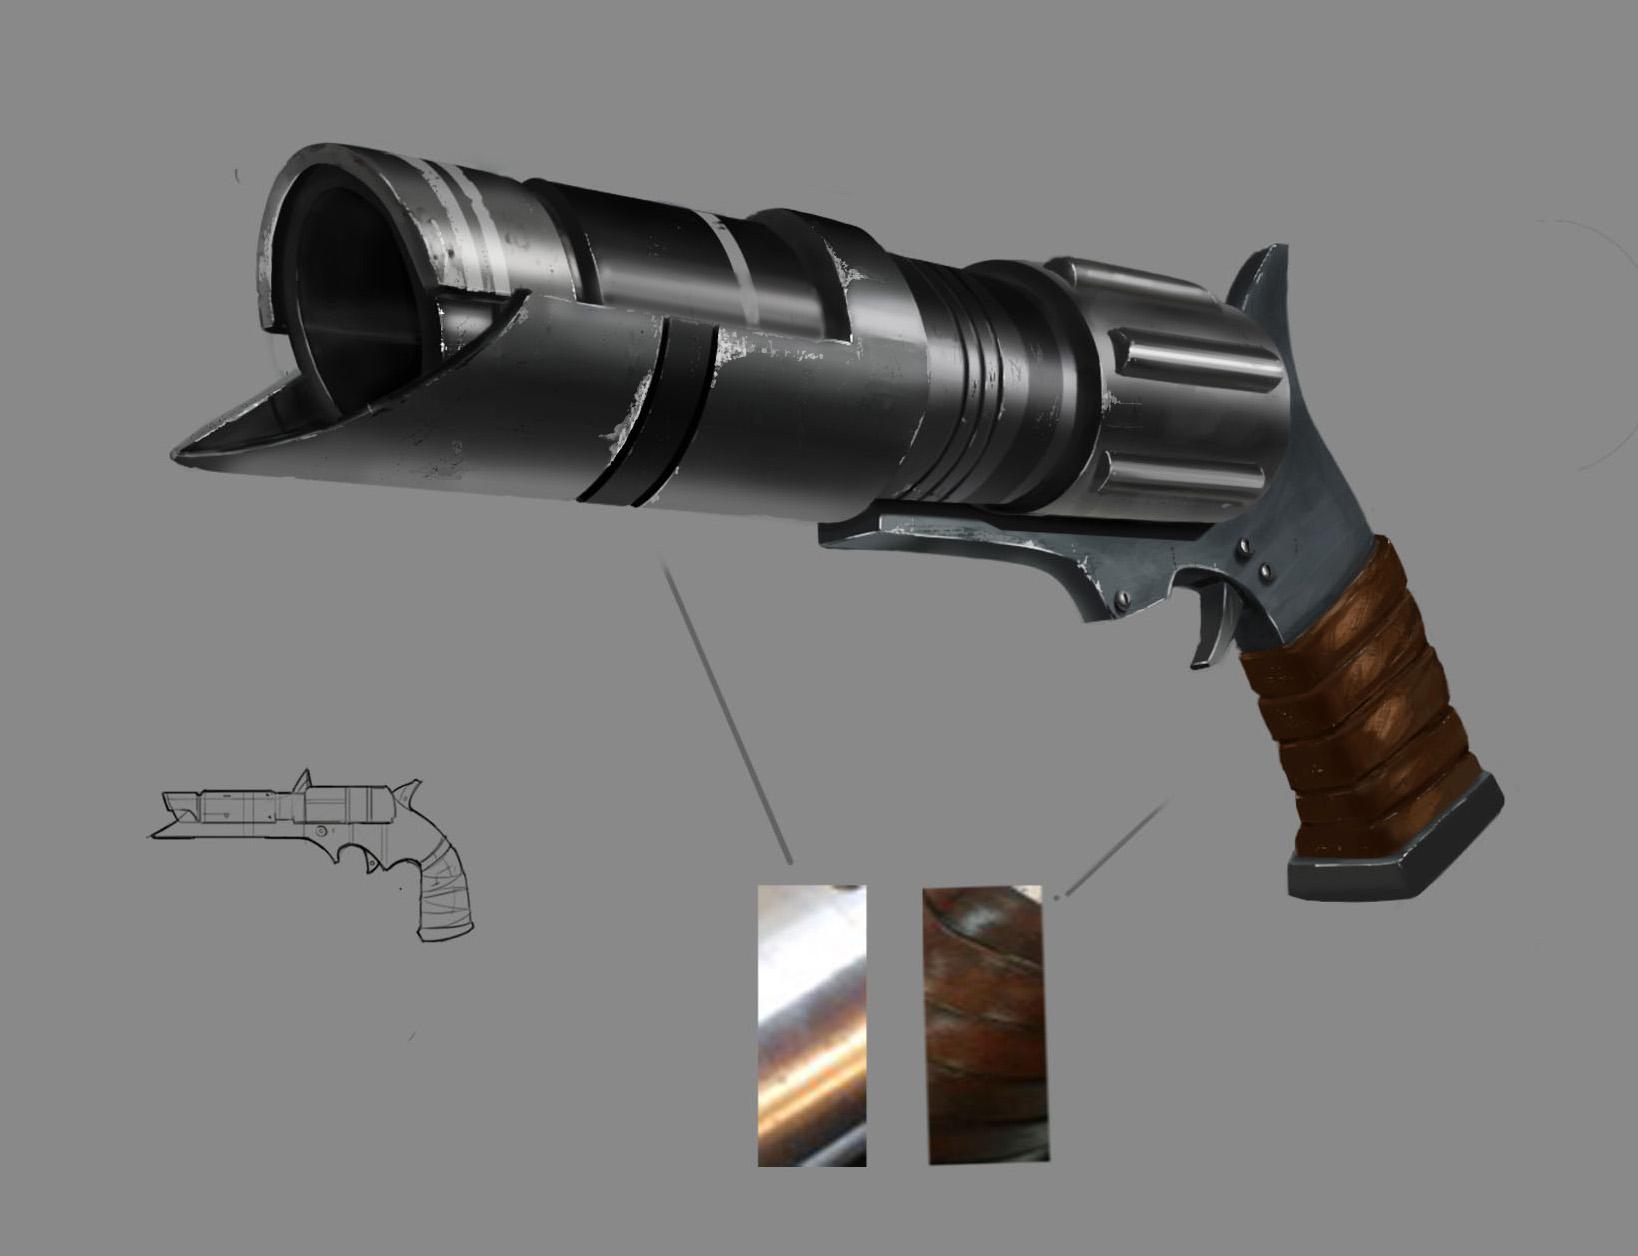 Prop Design(Gun LightSaber).jpg